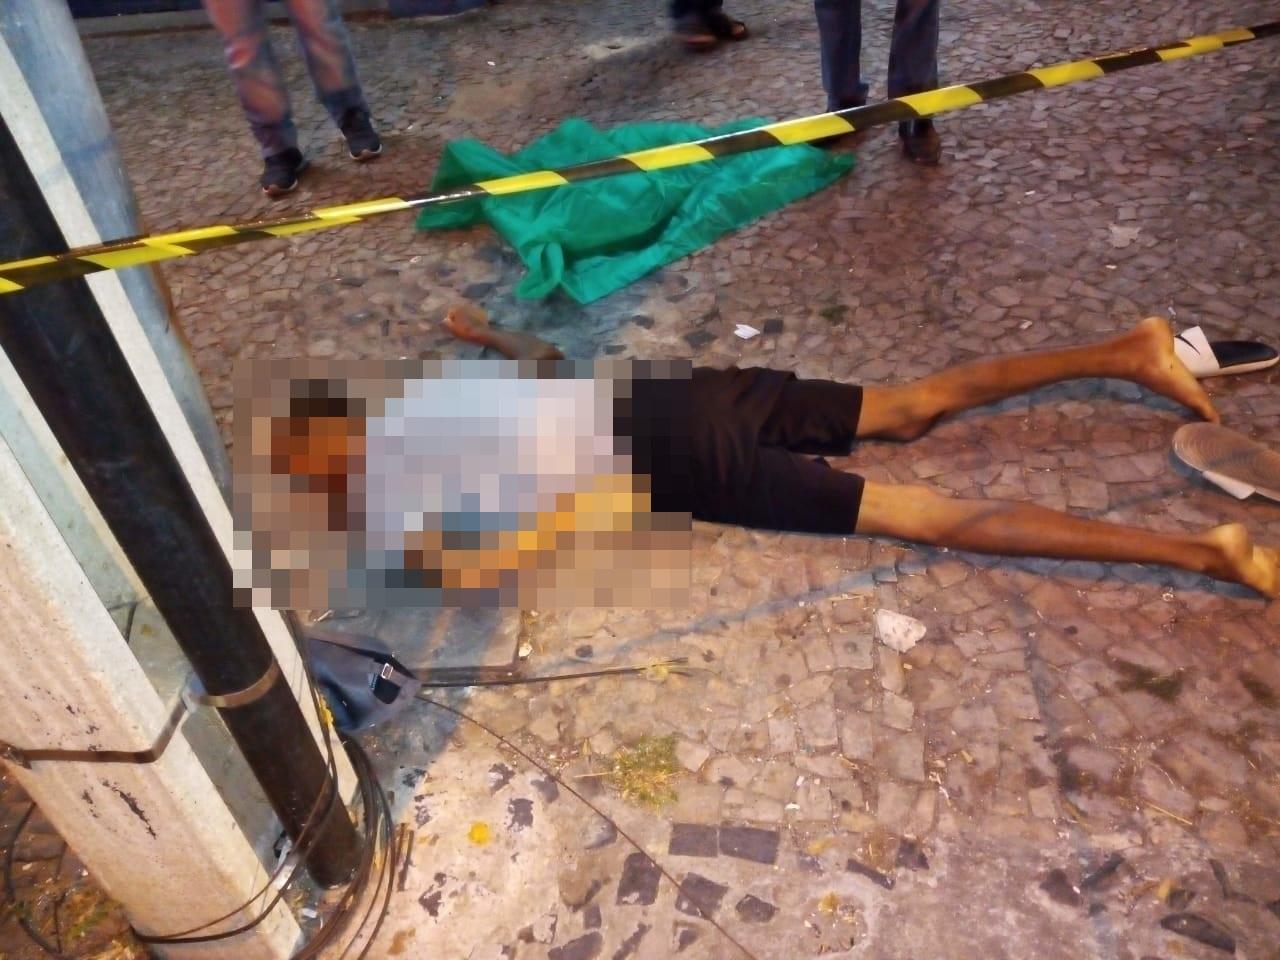 Morador de rua é morto a tiros durante briga no Centro de Teresina - Imagem 1